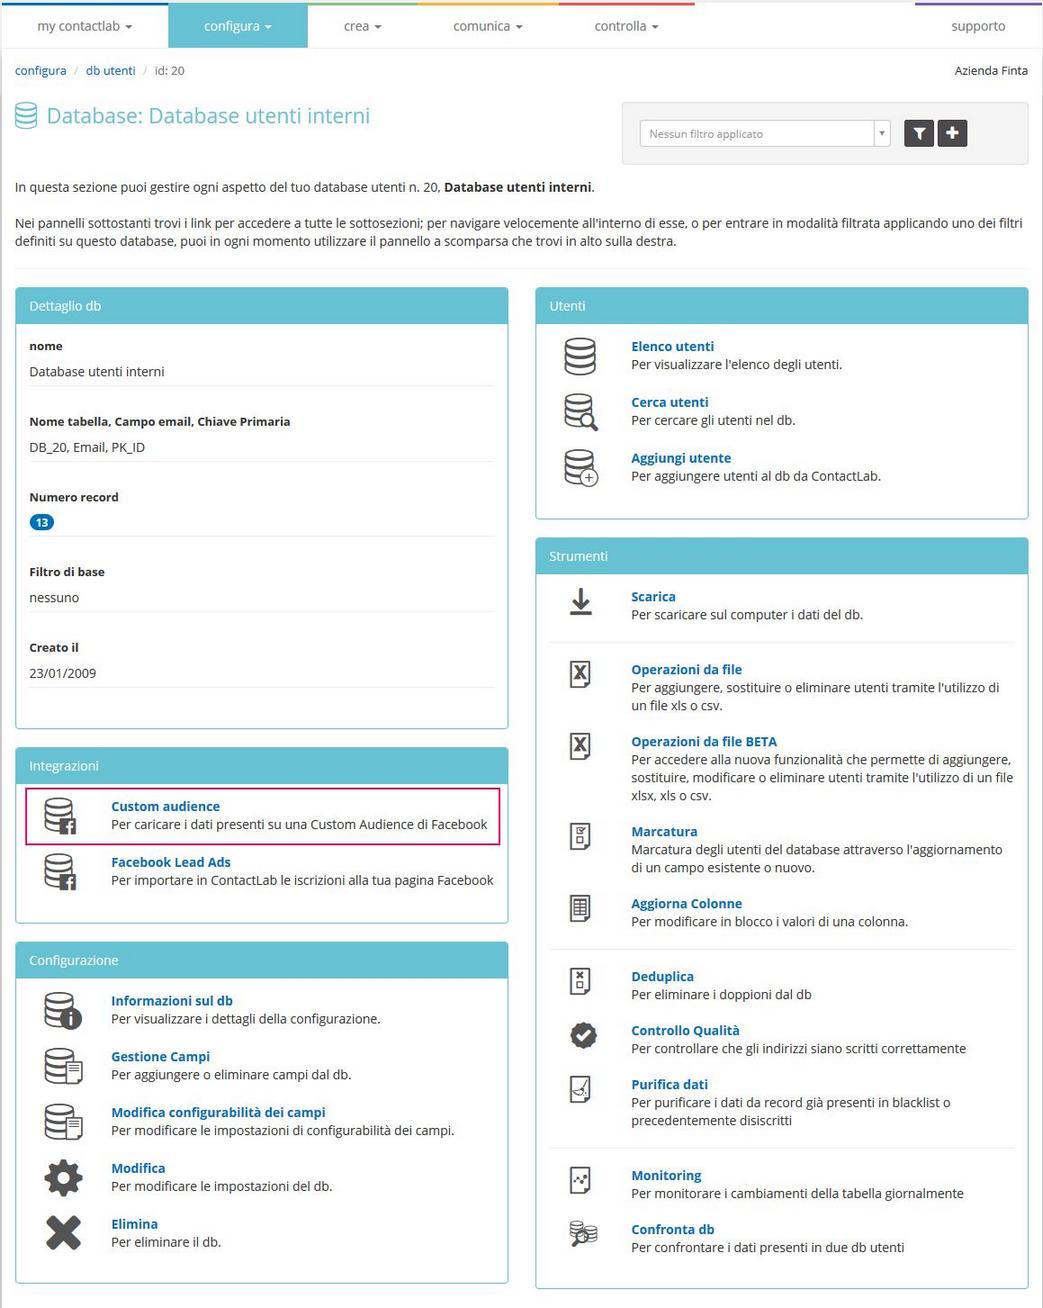 clab_configura_db_gestisci-customaudience